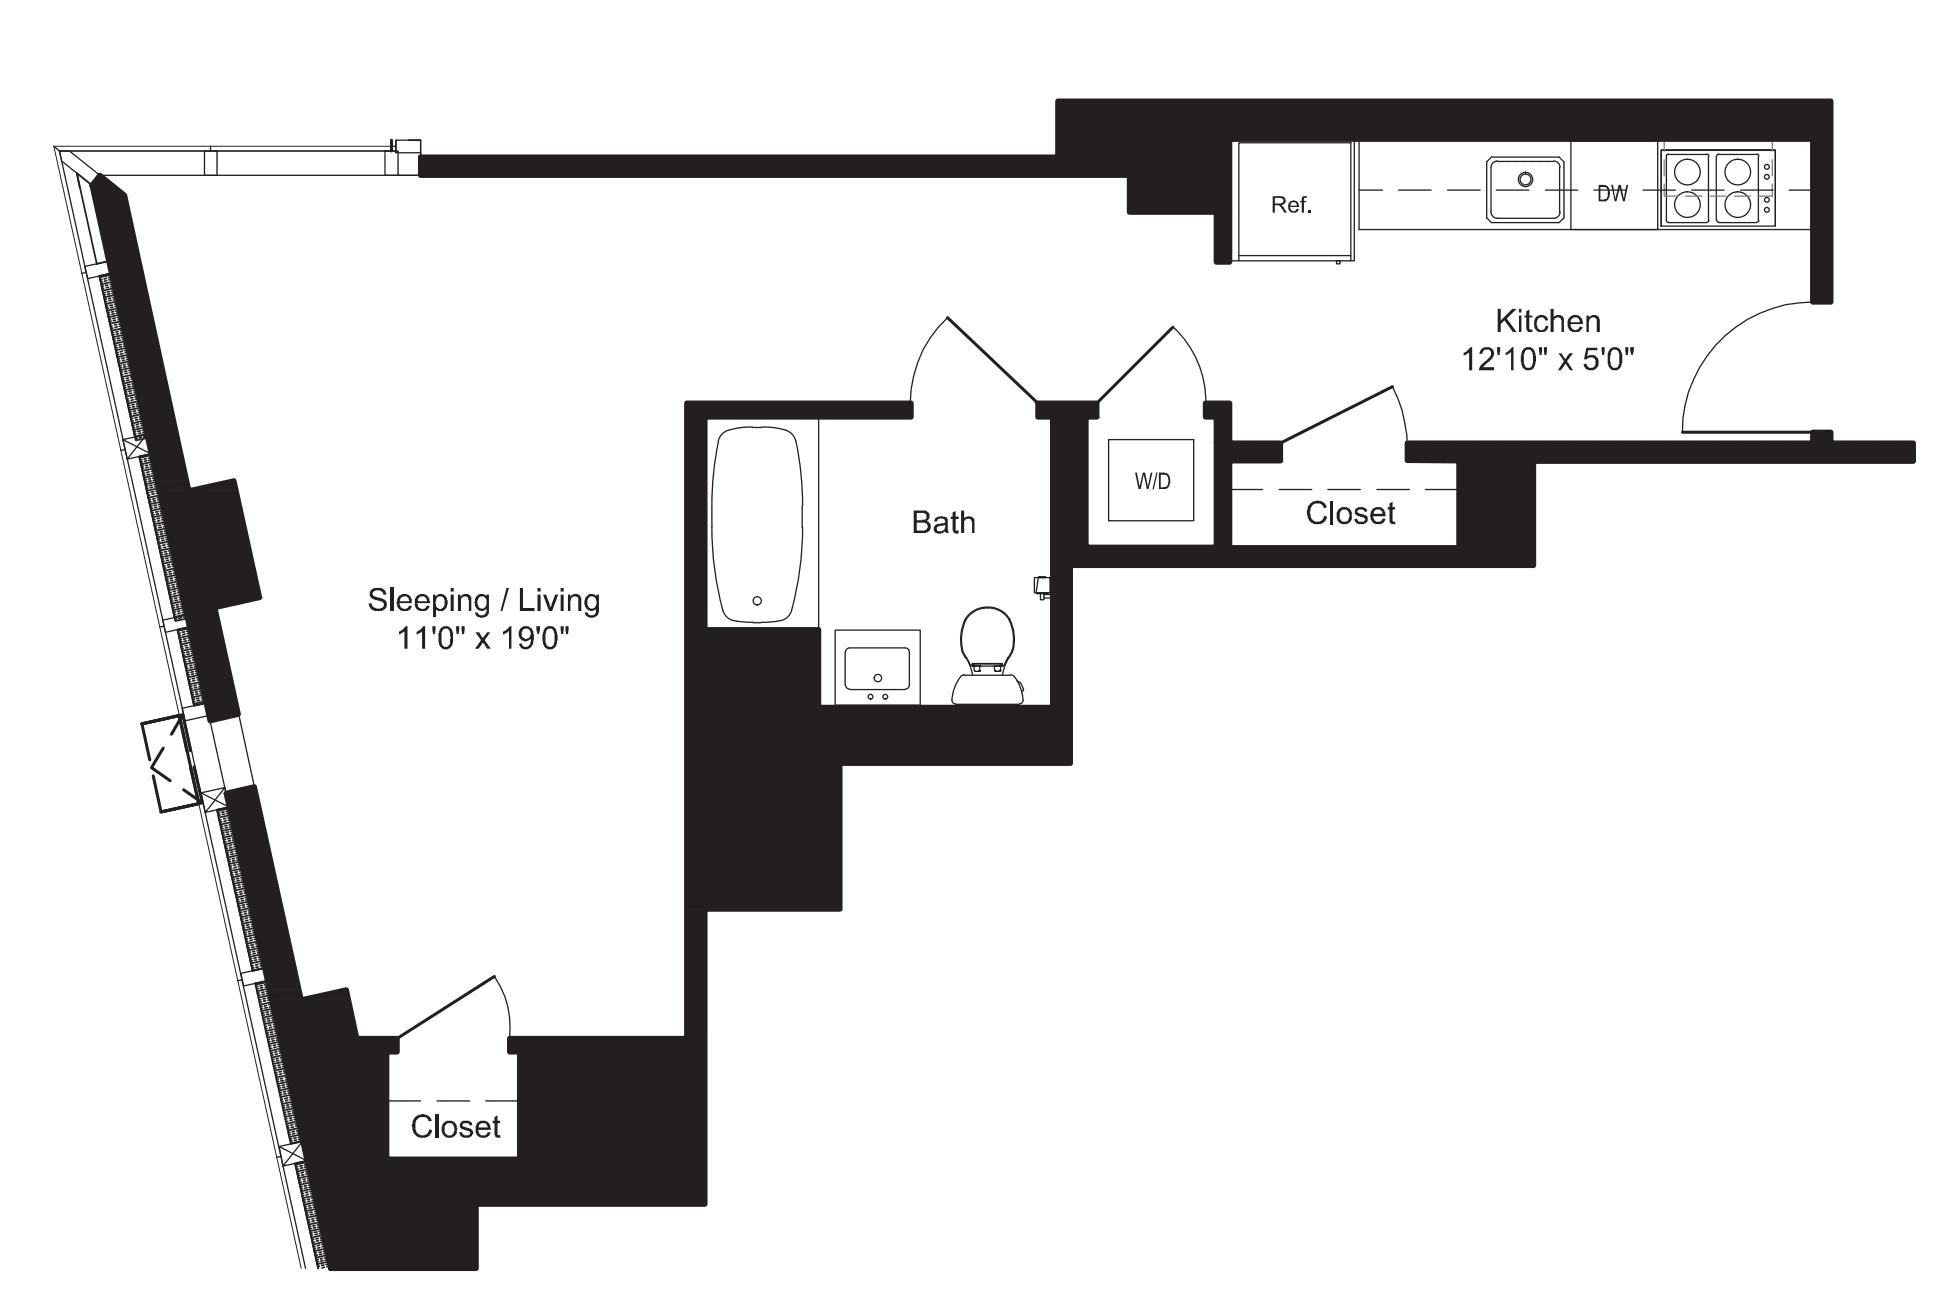 Studio C 2-19